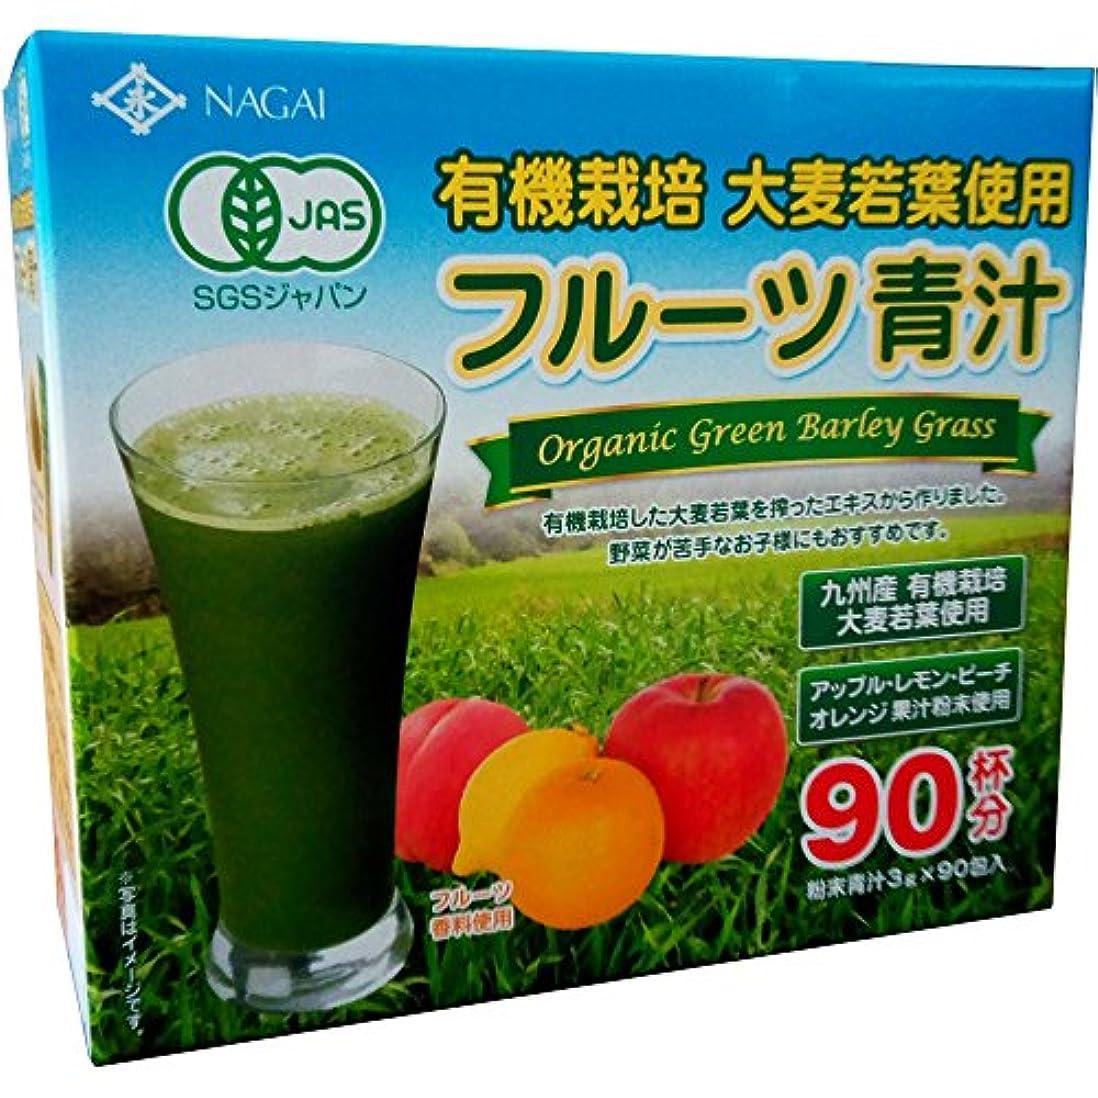 愛情深いストローレモン永井 九州産有機栽培 大麦若葉使用 フルーツ青汁 90杯分